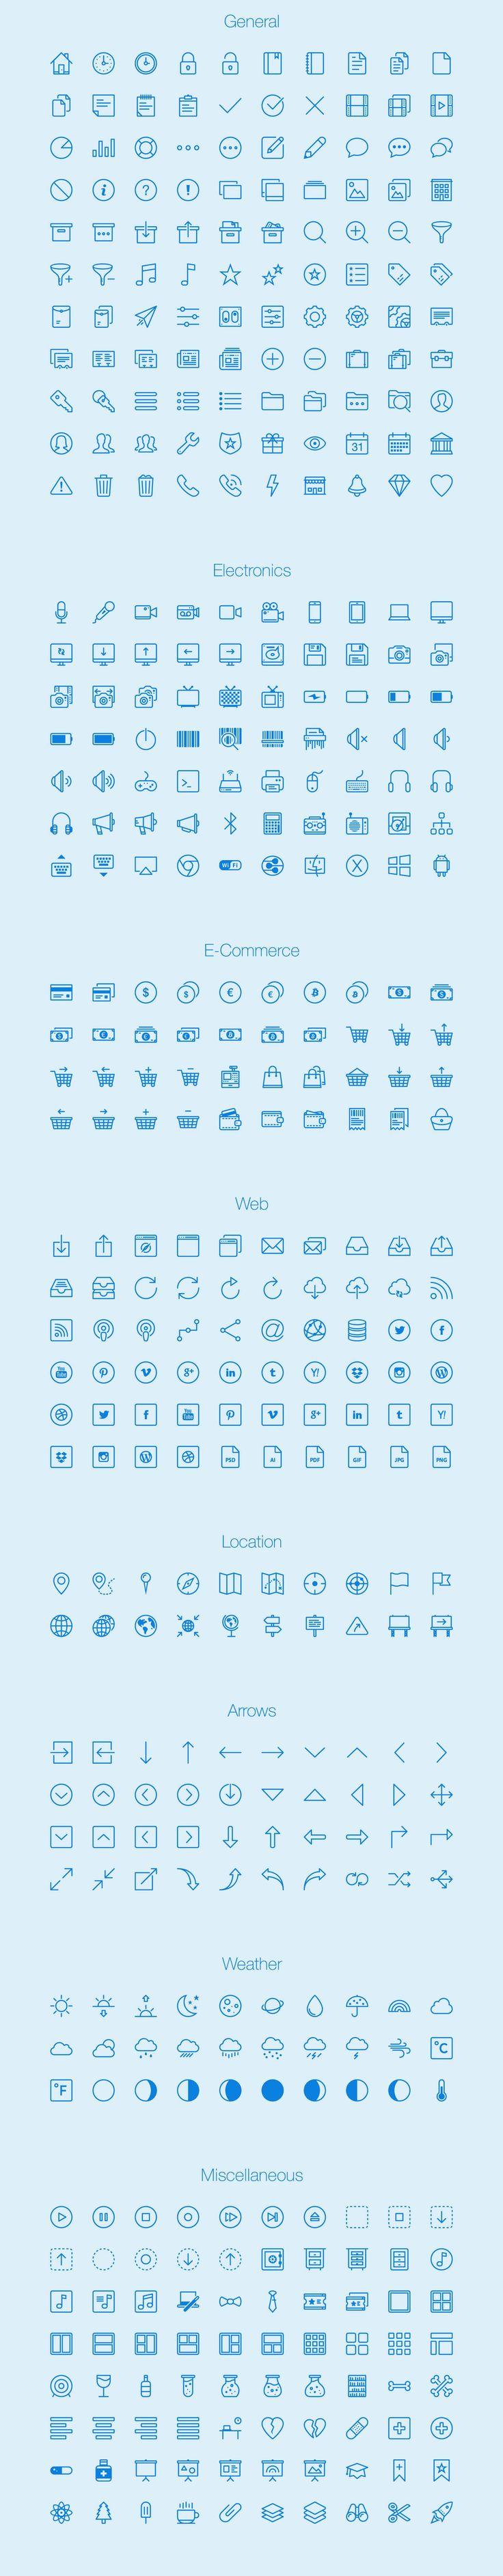 Free download: 450 outline icons | Webdesigner Depot